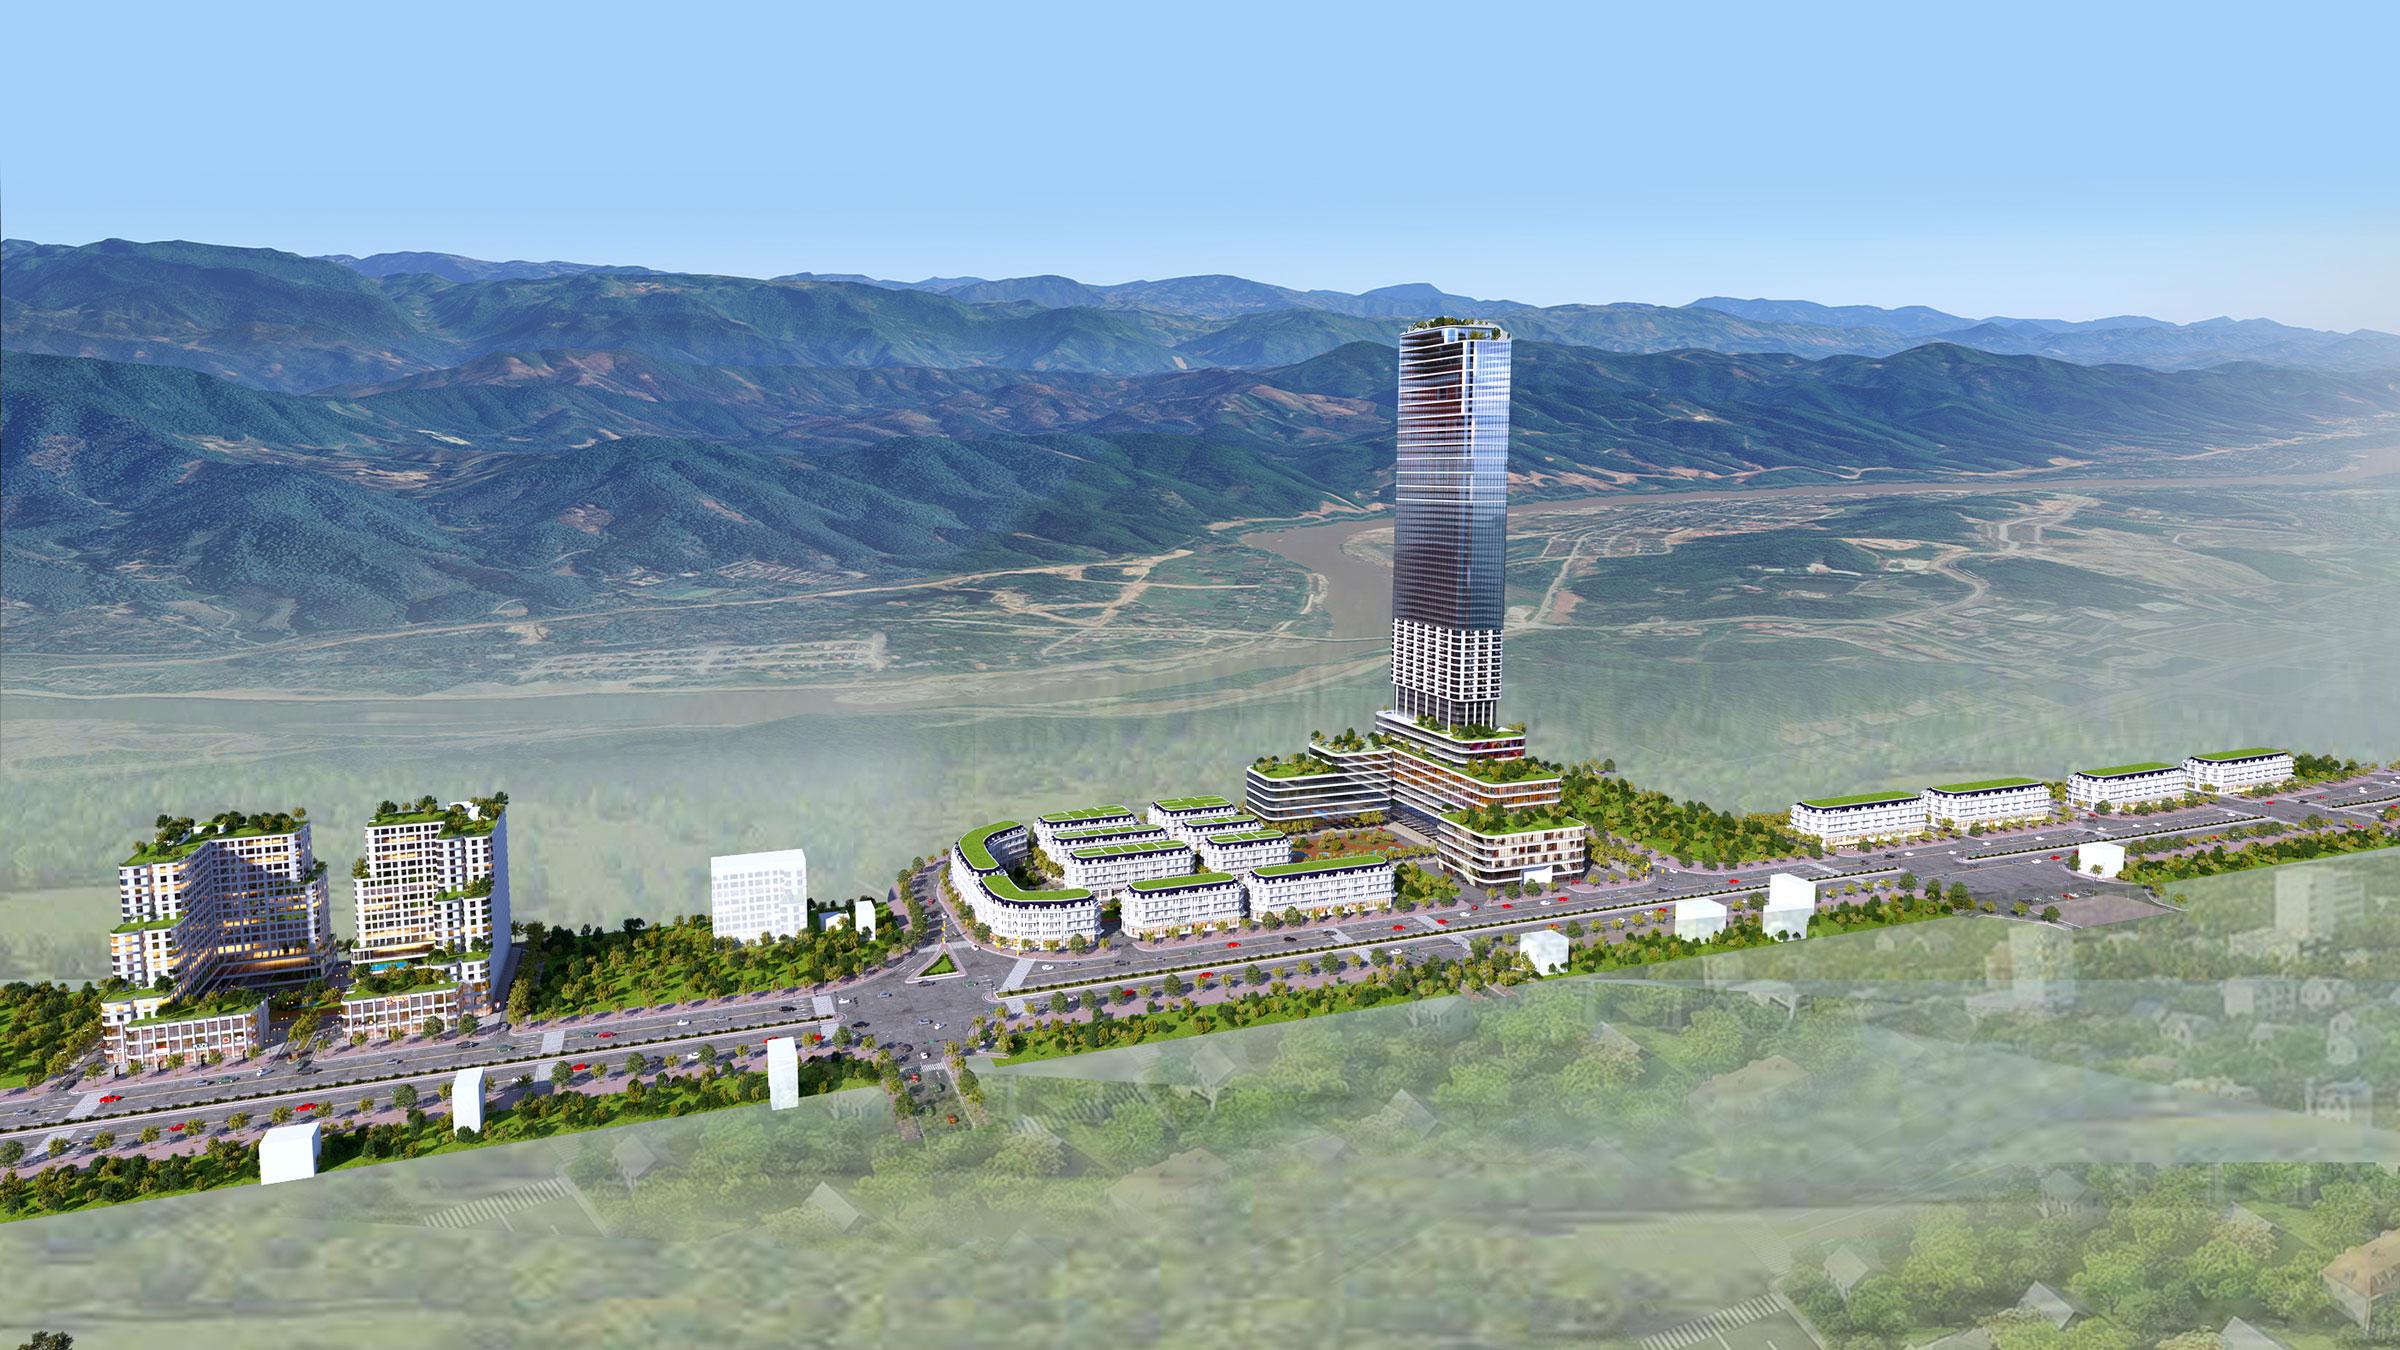 Phối cảnh tổng thể dự án xây dựng khu nhà ở thương mại và các công trình hỗn hợp – dịch vụ, khu đô thị mới Lào Cai - Cam Đường, Lào Cai.